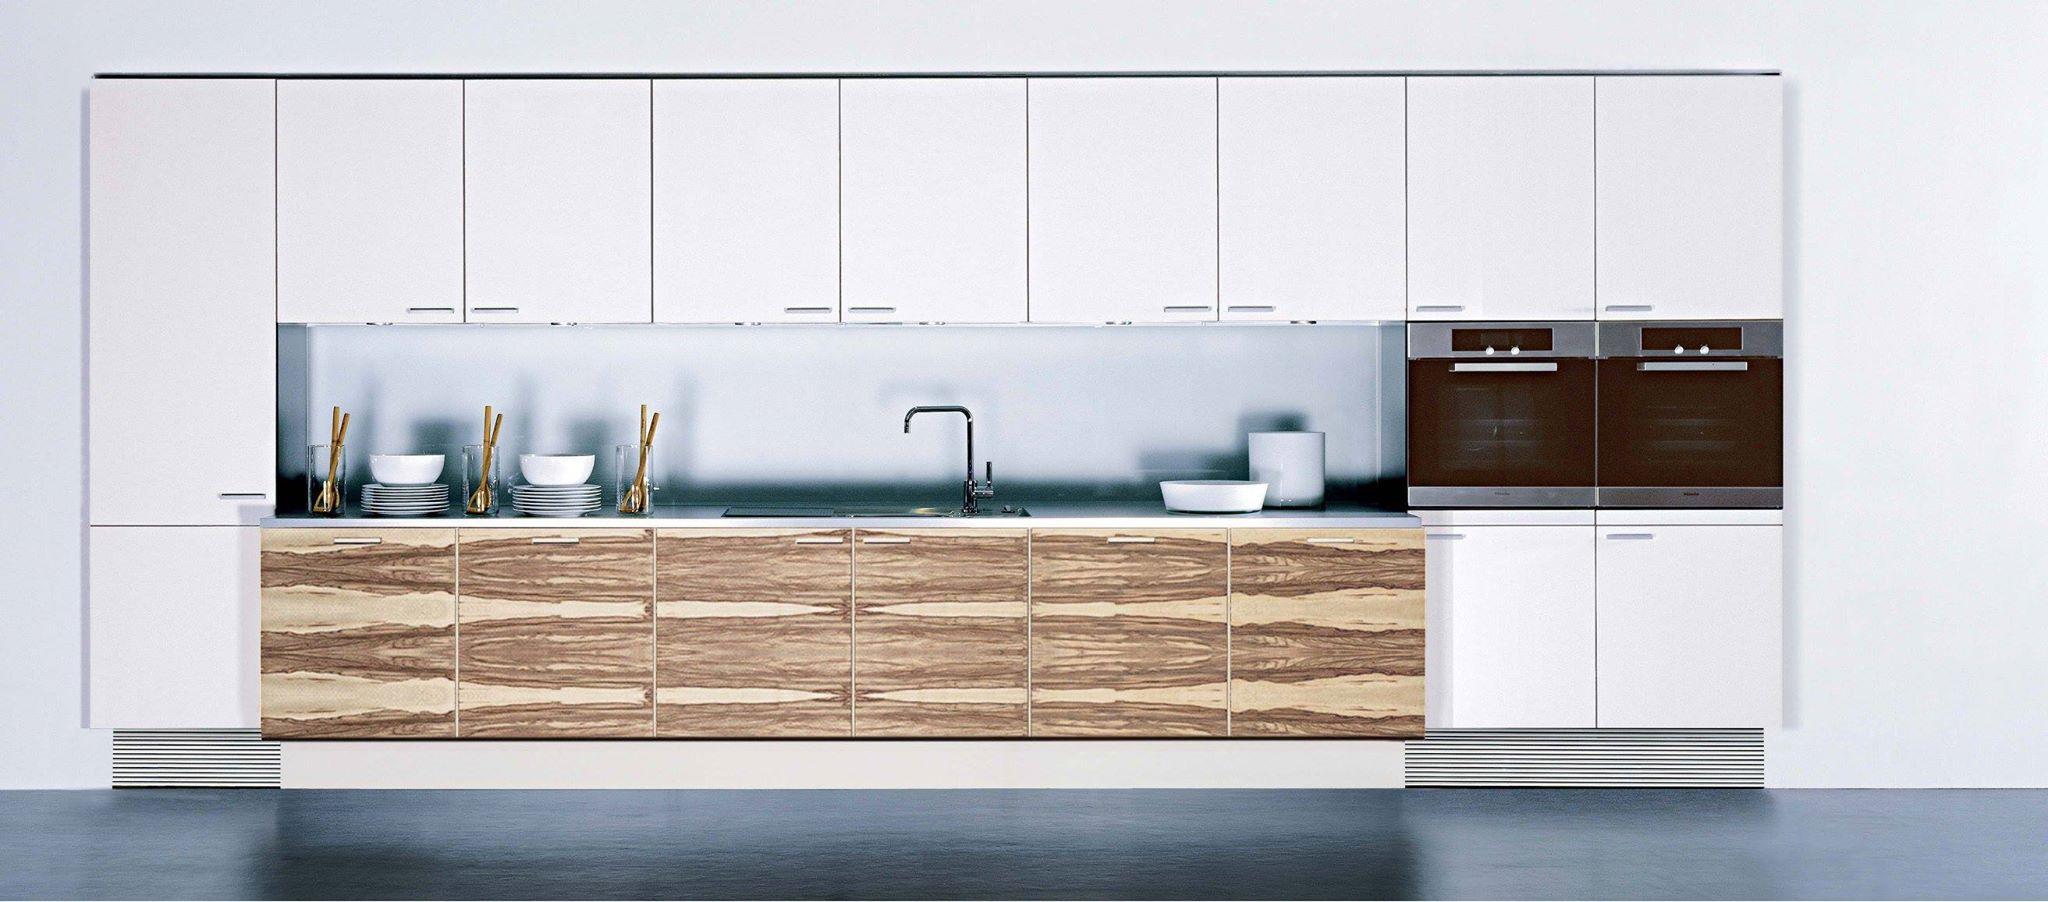 Poggenpohl design keuken op maat gemaakt wit en hout